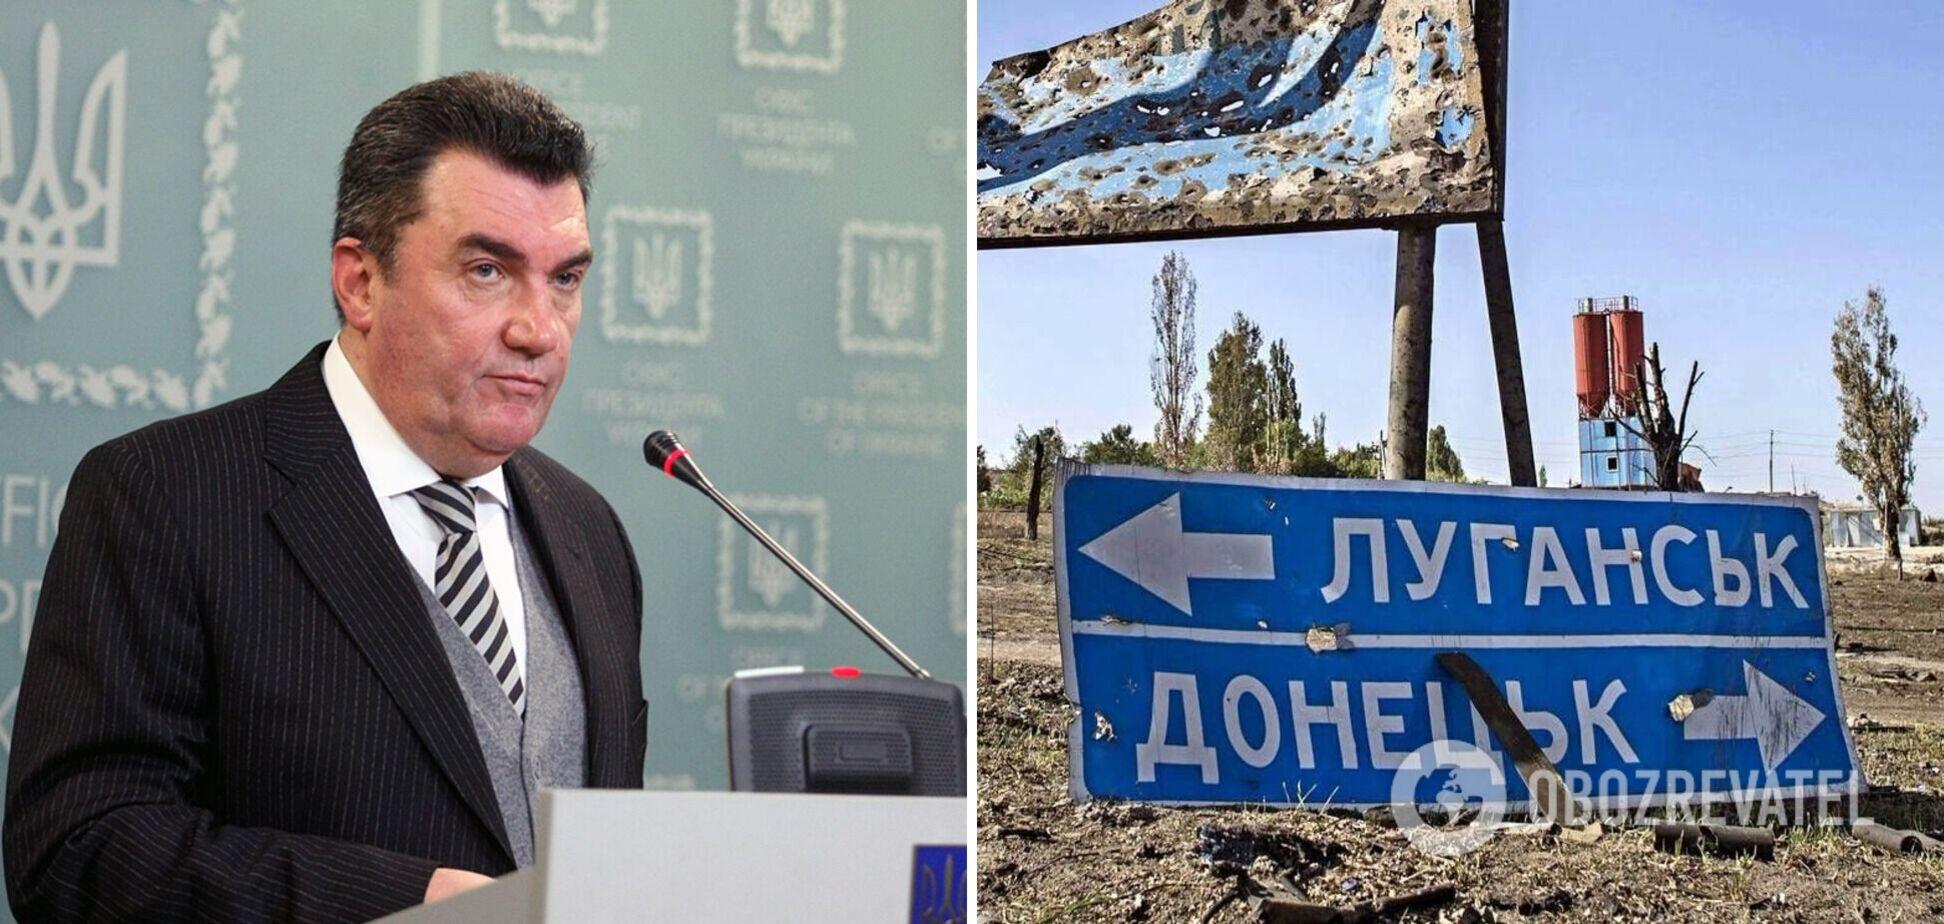 Данилов: такого понятия, как 'Донбасс', не существует